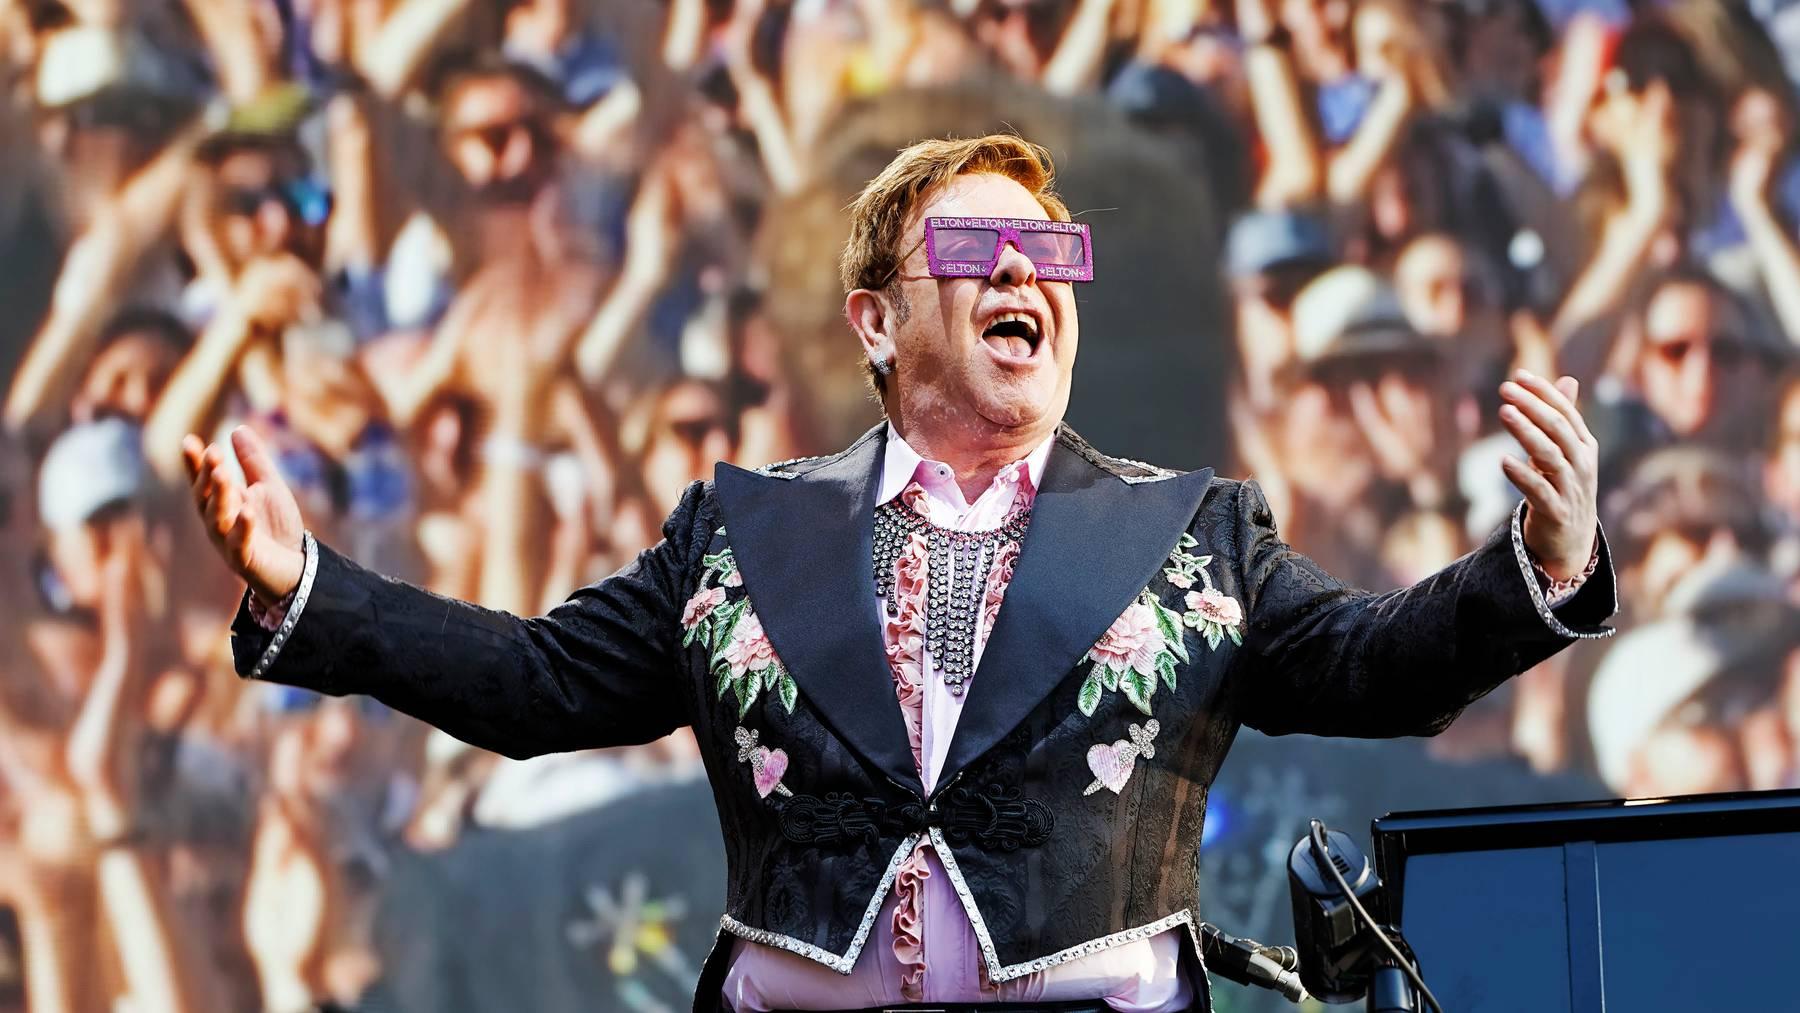 Findet dieses Jahr nicht statt: Das Montreux Jazz Festival – letztes Jahr unter anderem besucht von Elton John auf seiner Abschiedstour.